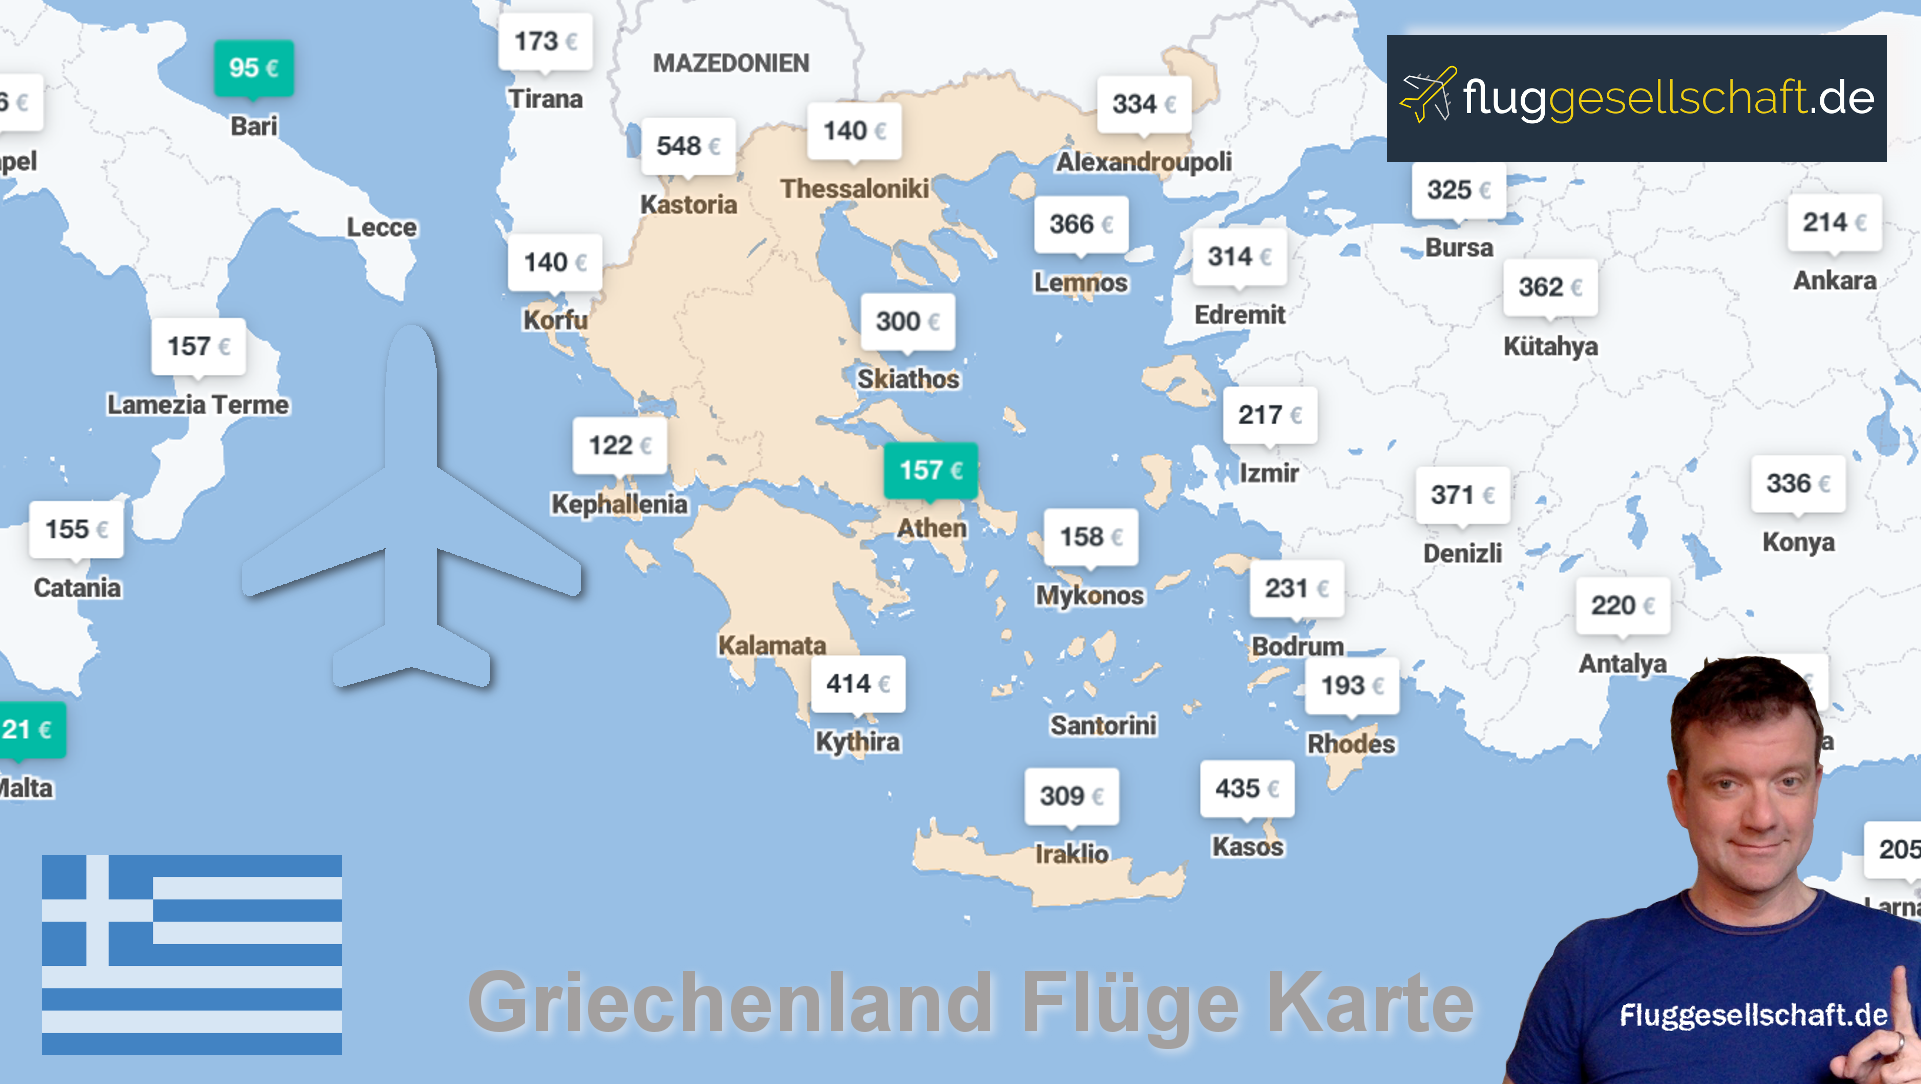 Flüge Flughafen Karpathos - Fluggesellschaft.de